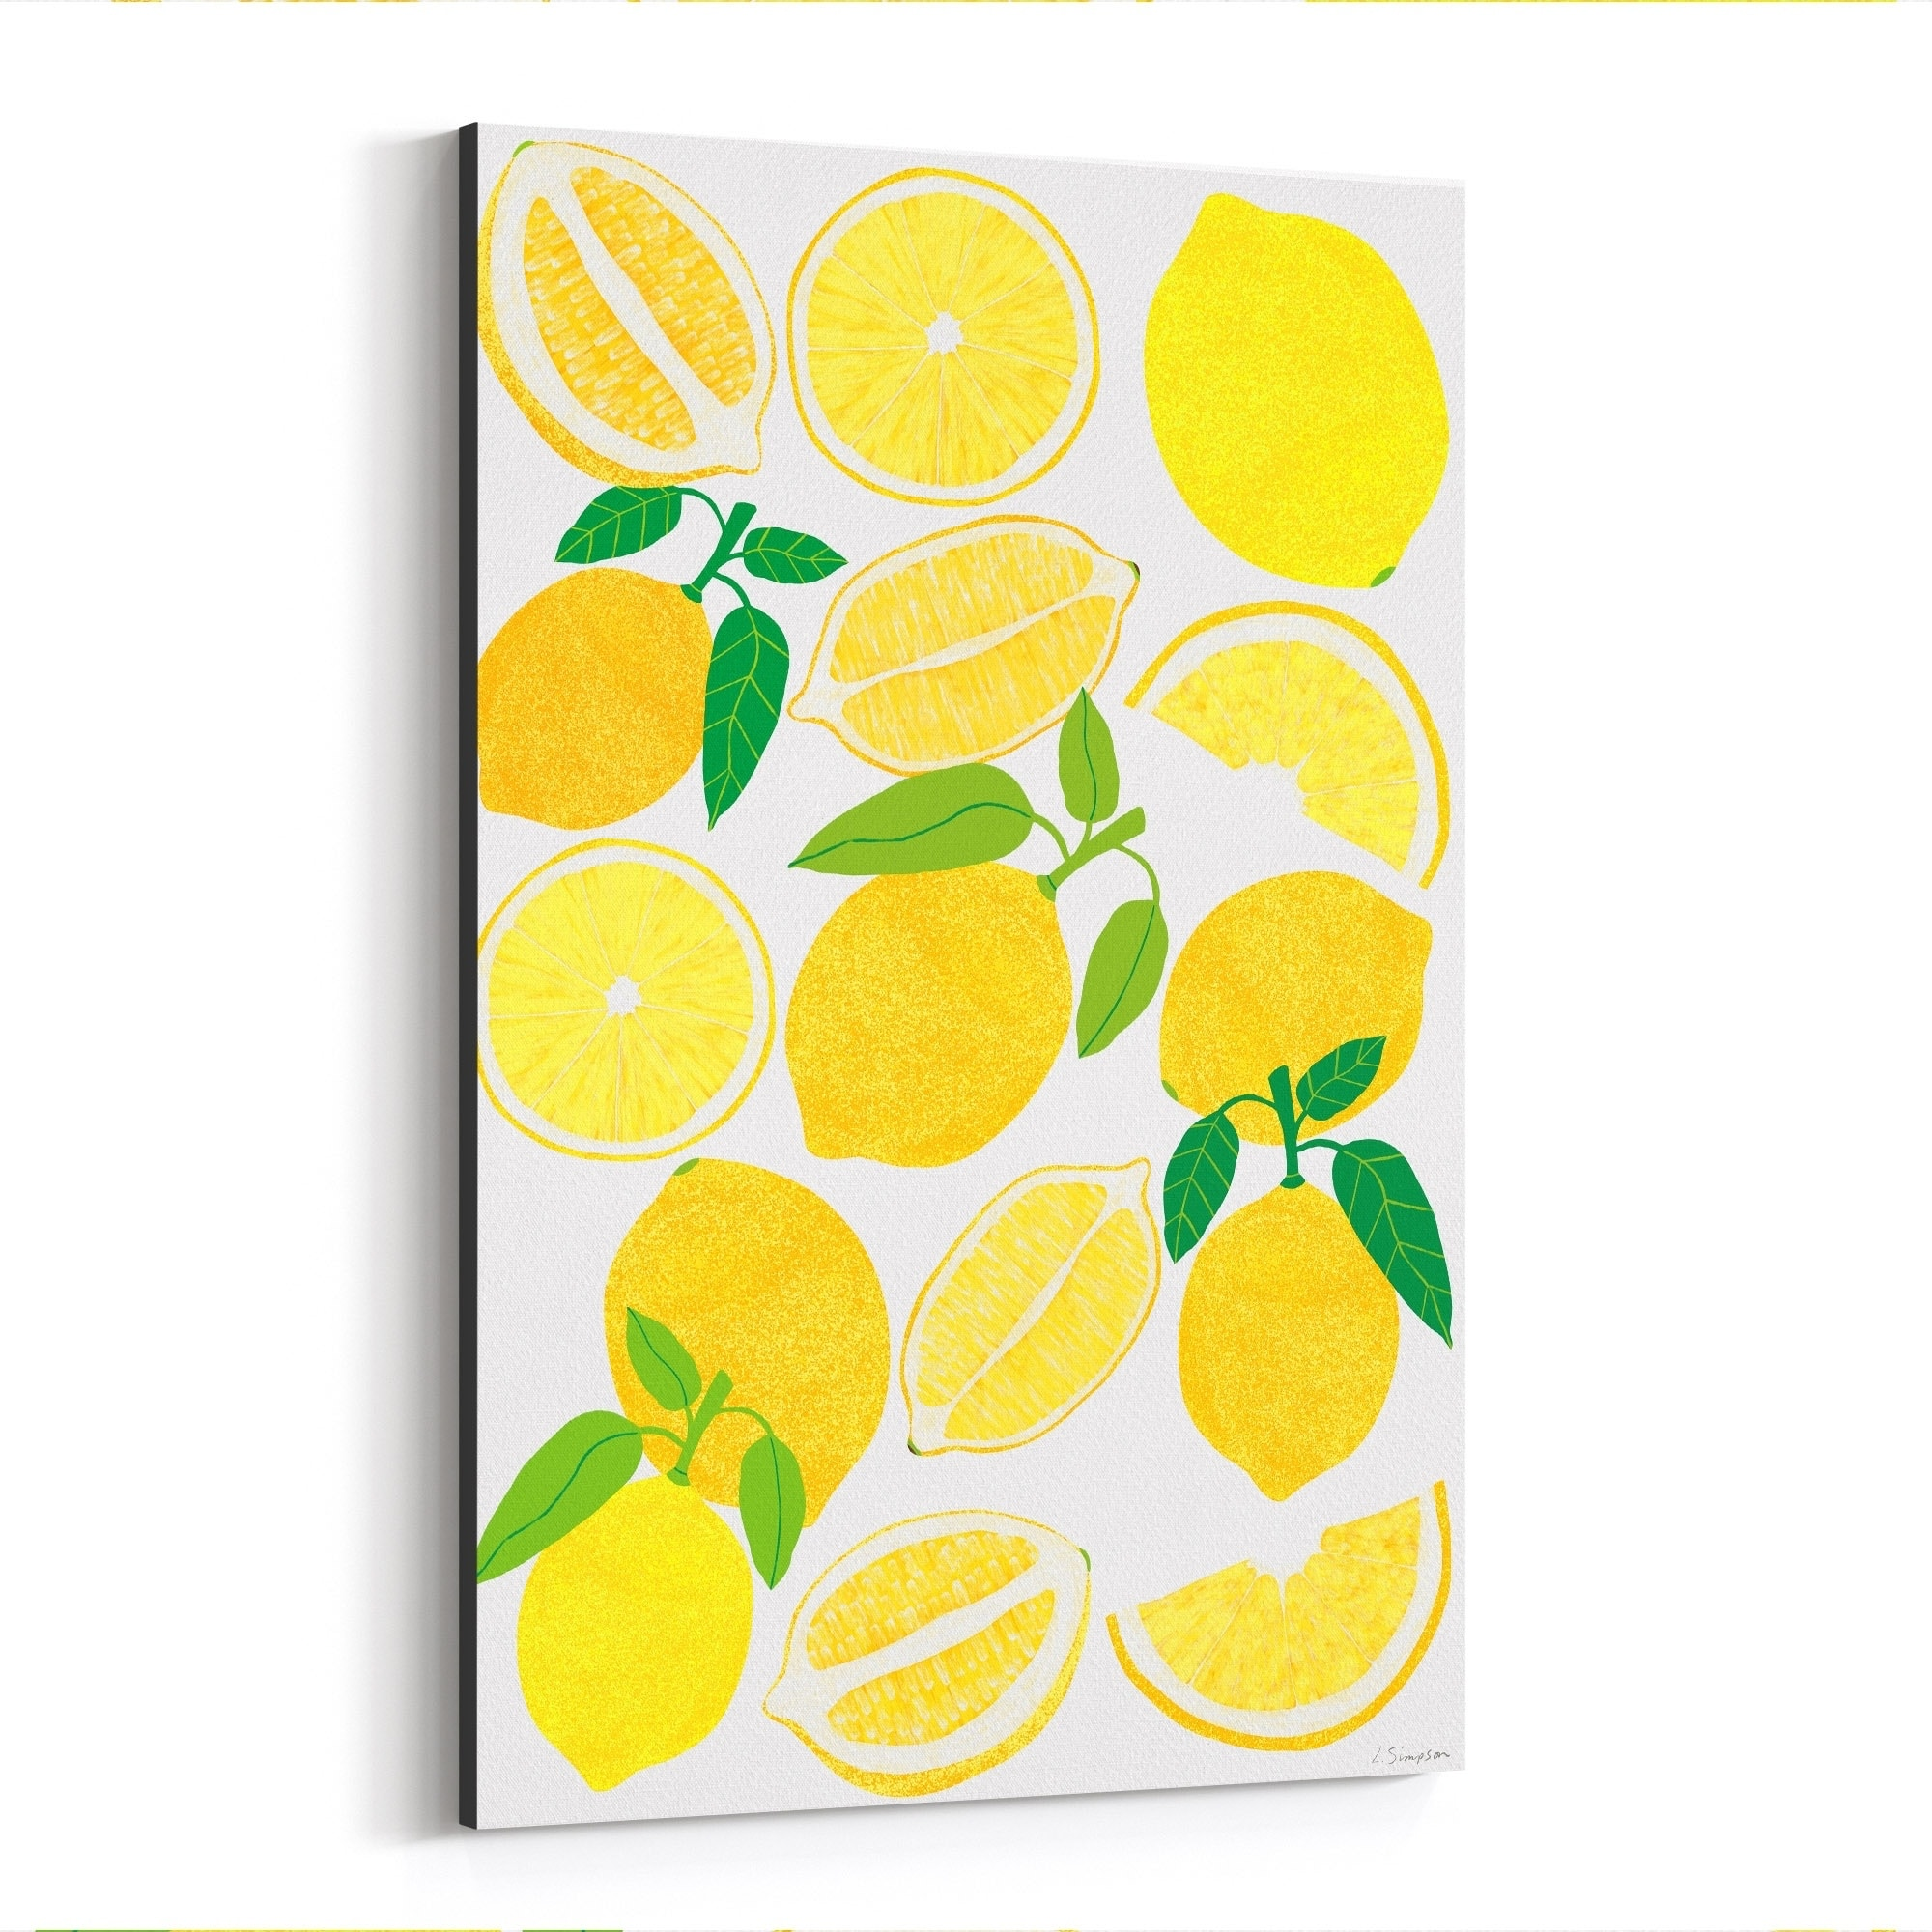 Noir Gallery Lemon Fruit Food Kitchen Canvas Wall Art Print 20 X 30 Yellow Canvas Kitchen Wall Art Kitchen Canvas Wall Art Prints